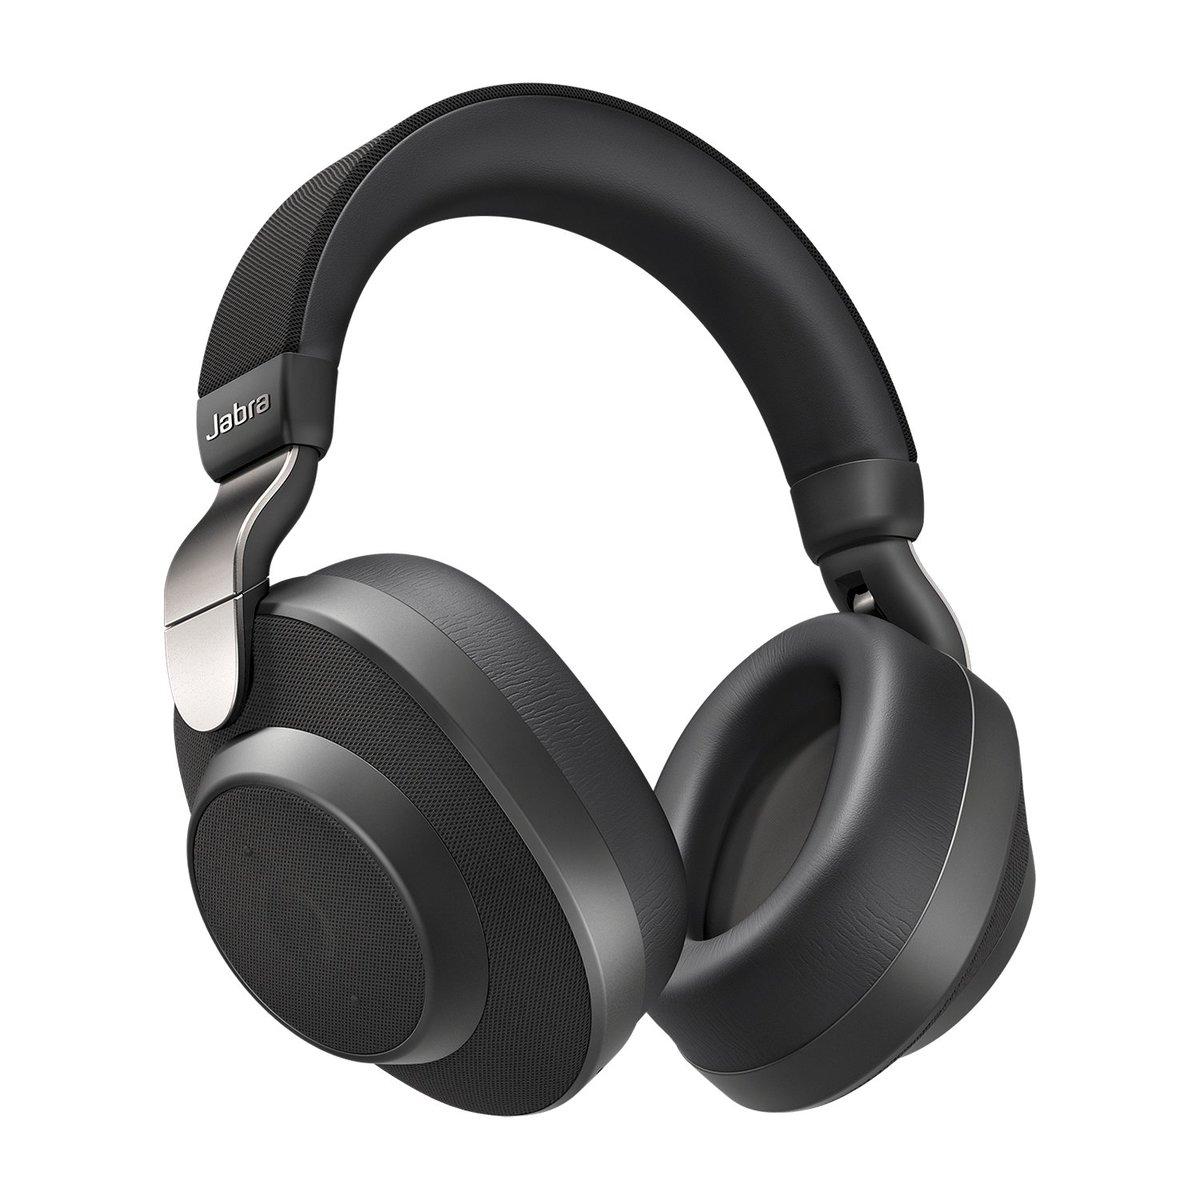 Elite 85h 主動降噪頭戴耳機[鈦黑色]